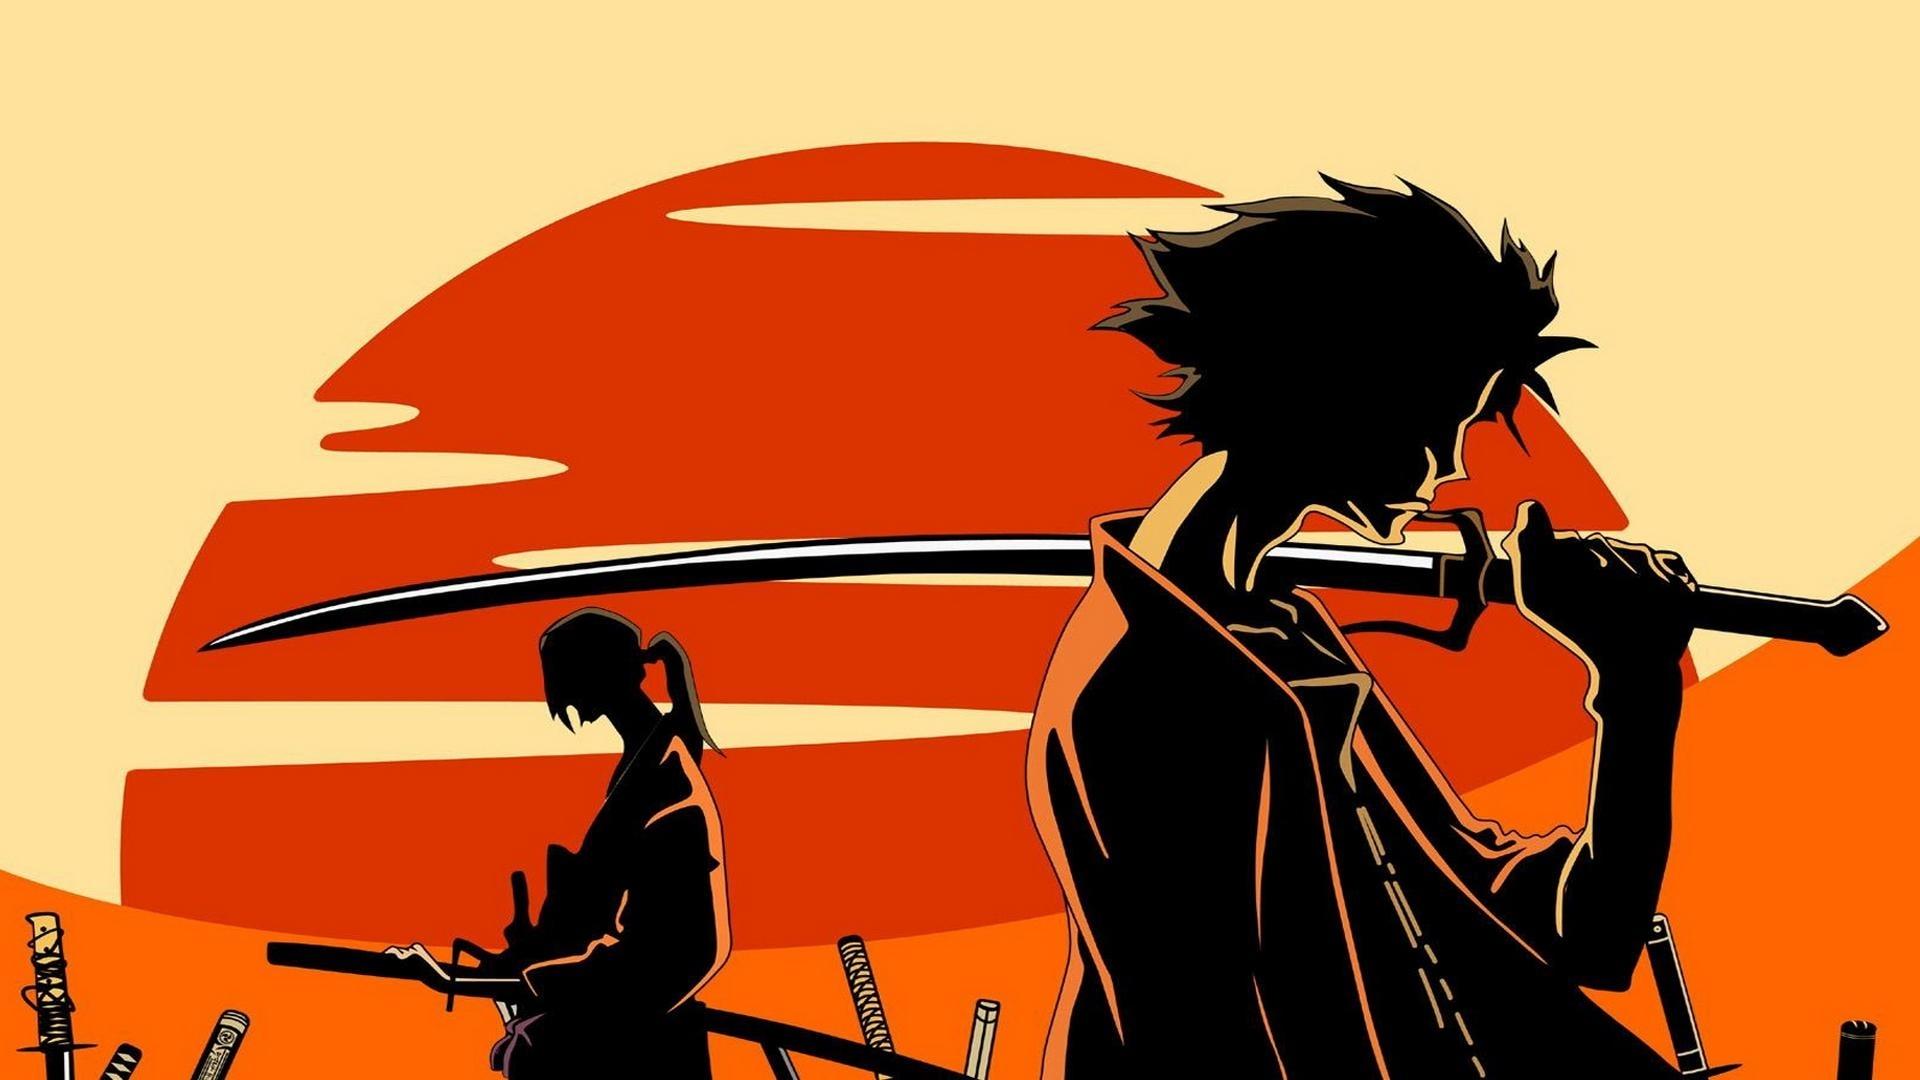 samurai champloo wallpaper 17664 1920x1080 px ~ hdwallsource